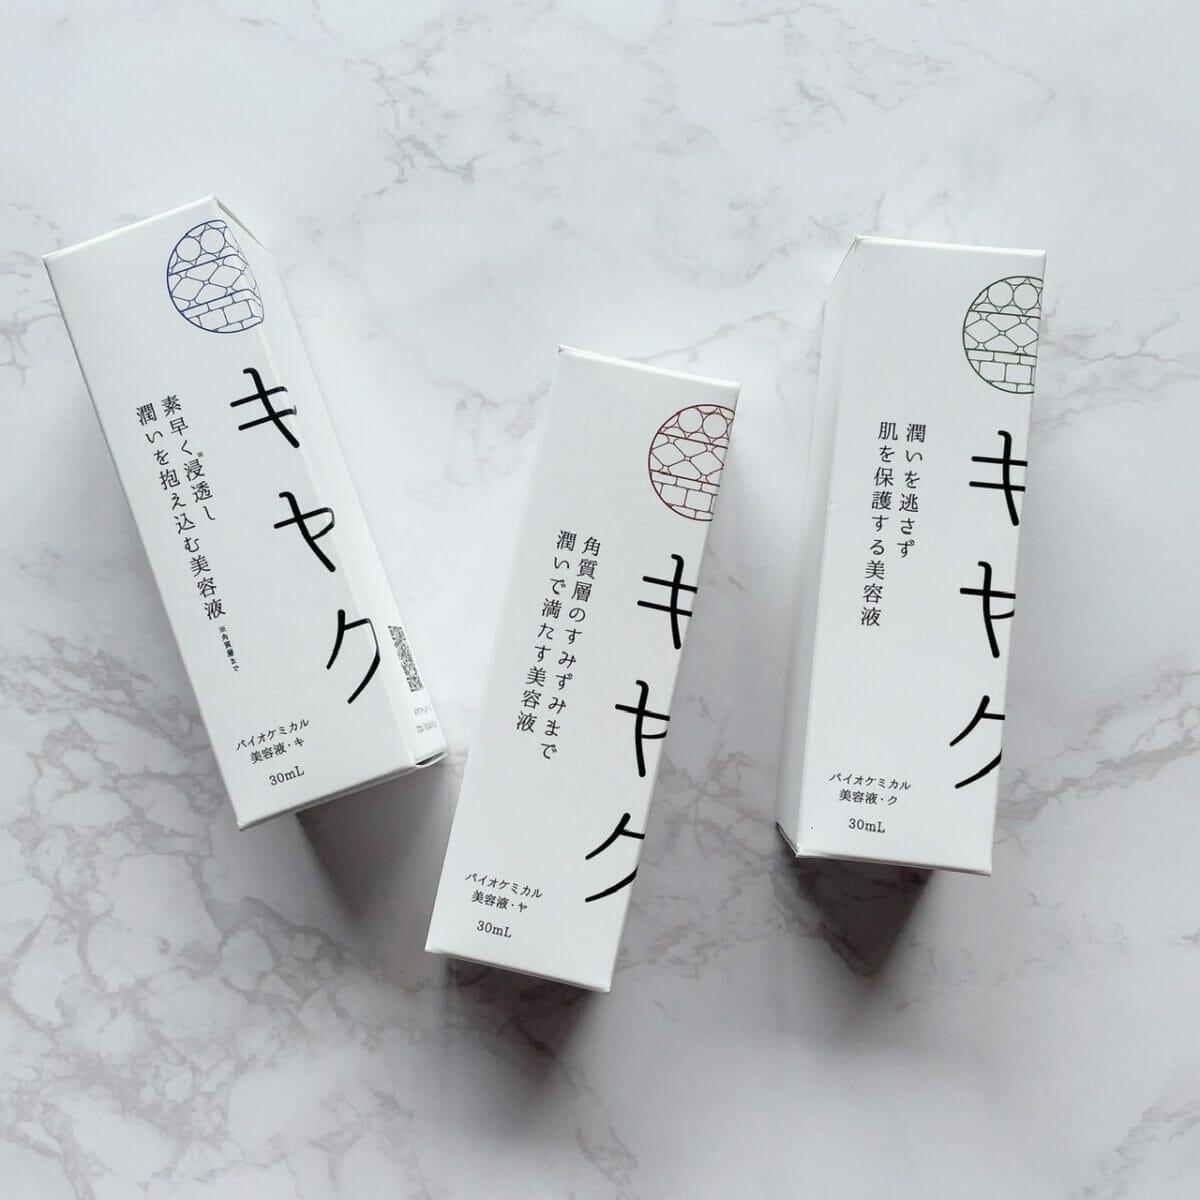 キヤク バイオケミカル化粧品